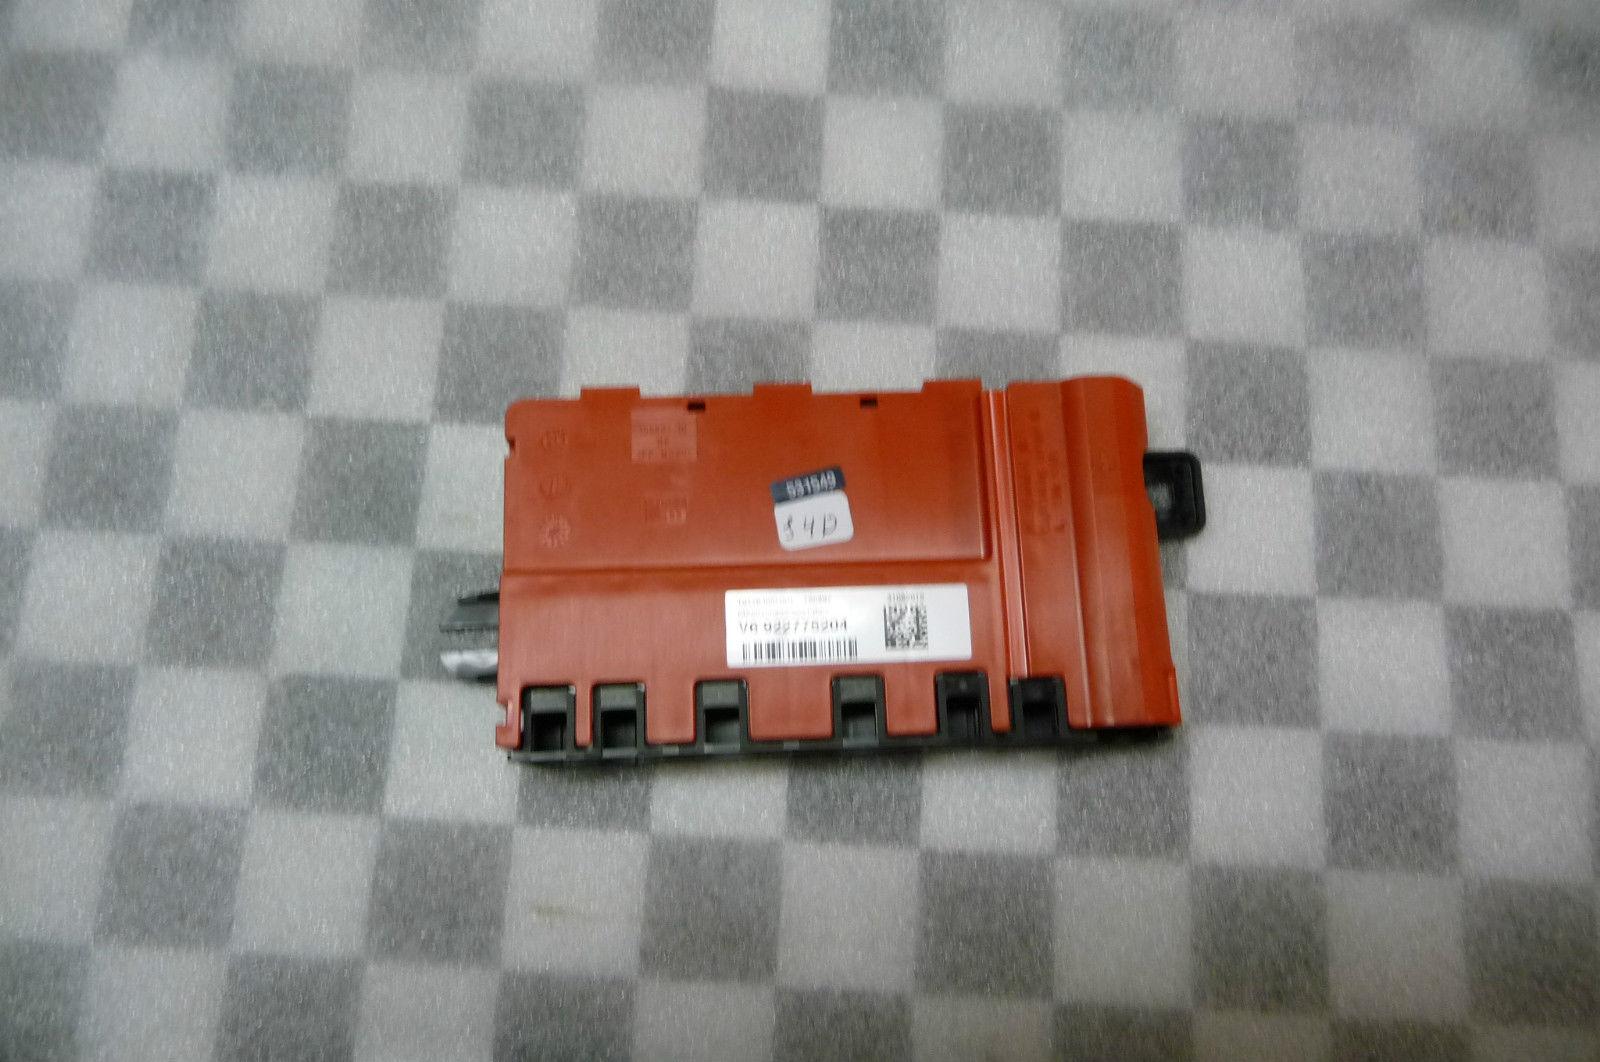 2012 2013 2014 2015 2016 2017 BMW F22 F23 F30 F32 F36 228i 230i 328i 330i 428i 440i Power Distribution Box Multifuse B+ Multi-Lock Distributor 61149227752 OEM OE